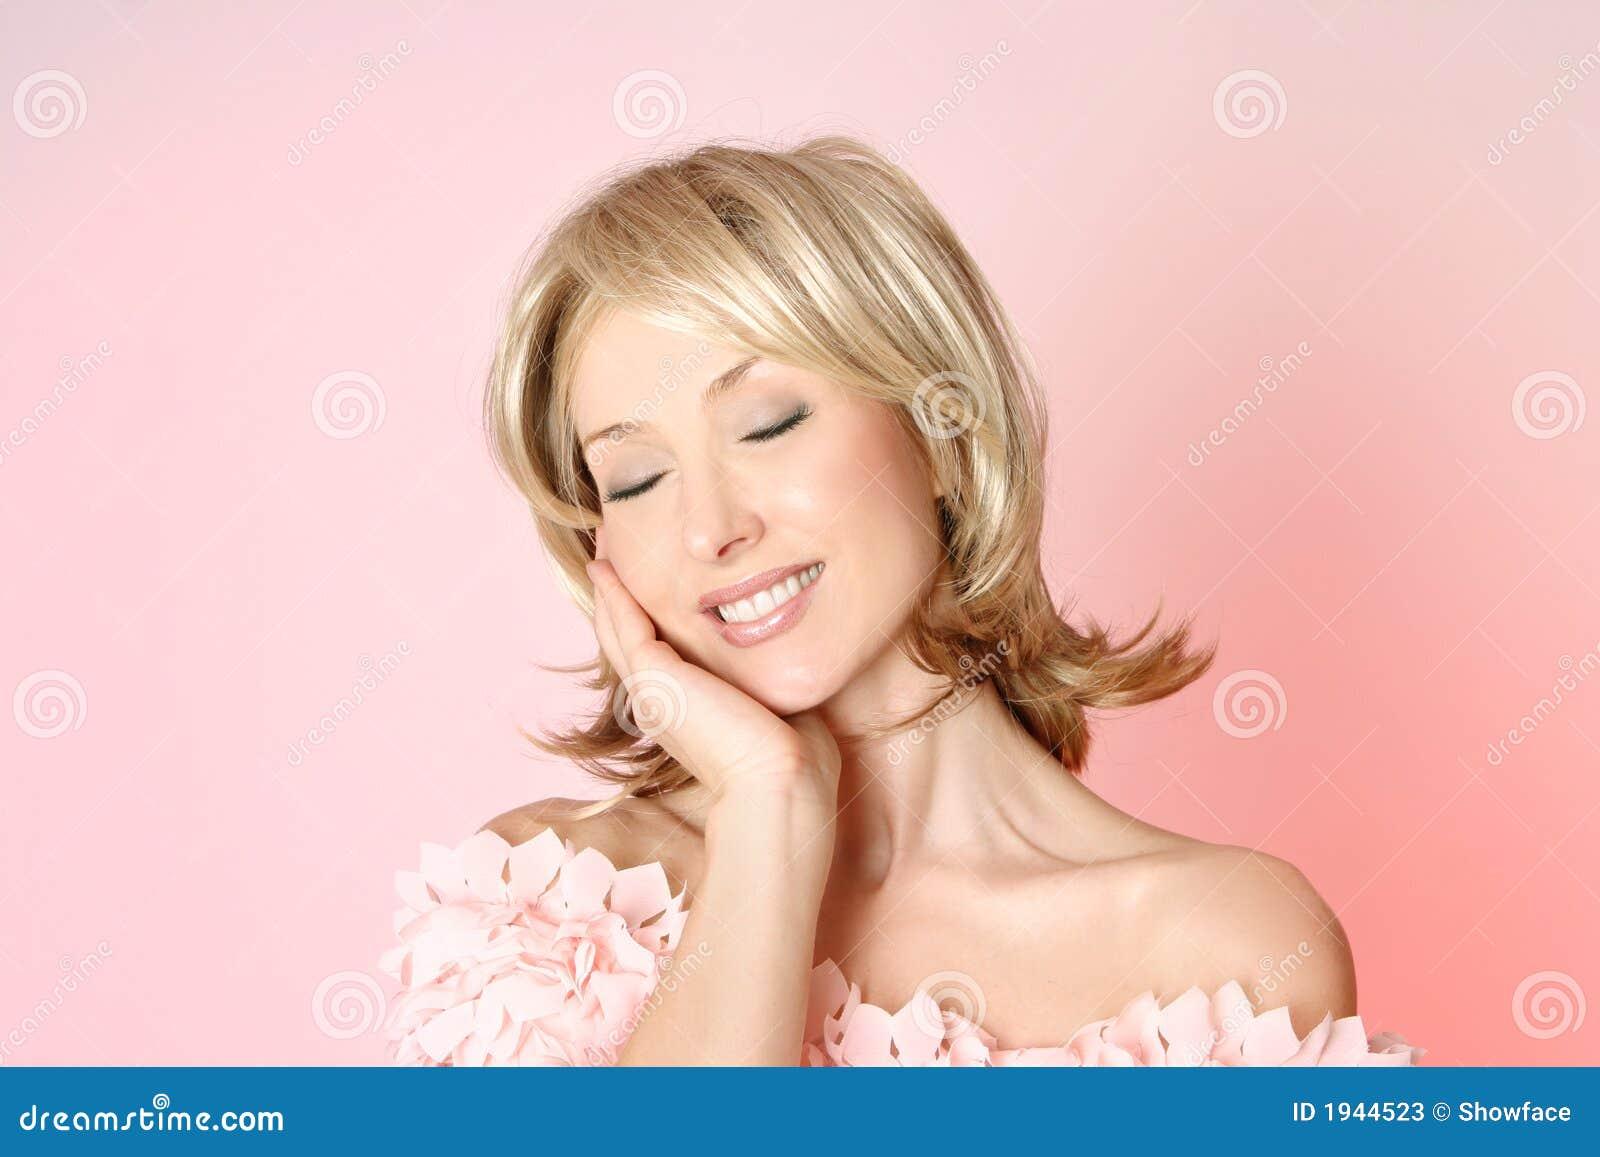 Femininity Stock Photos